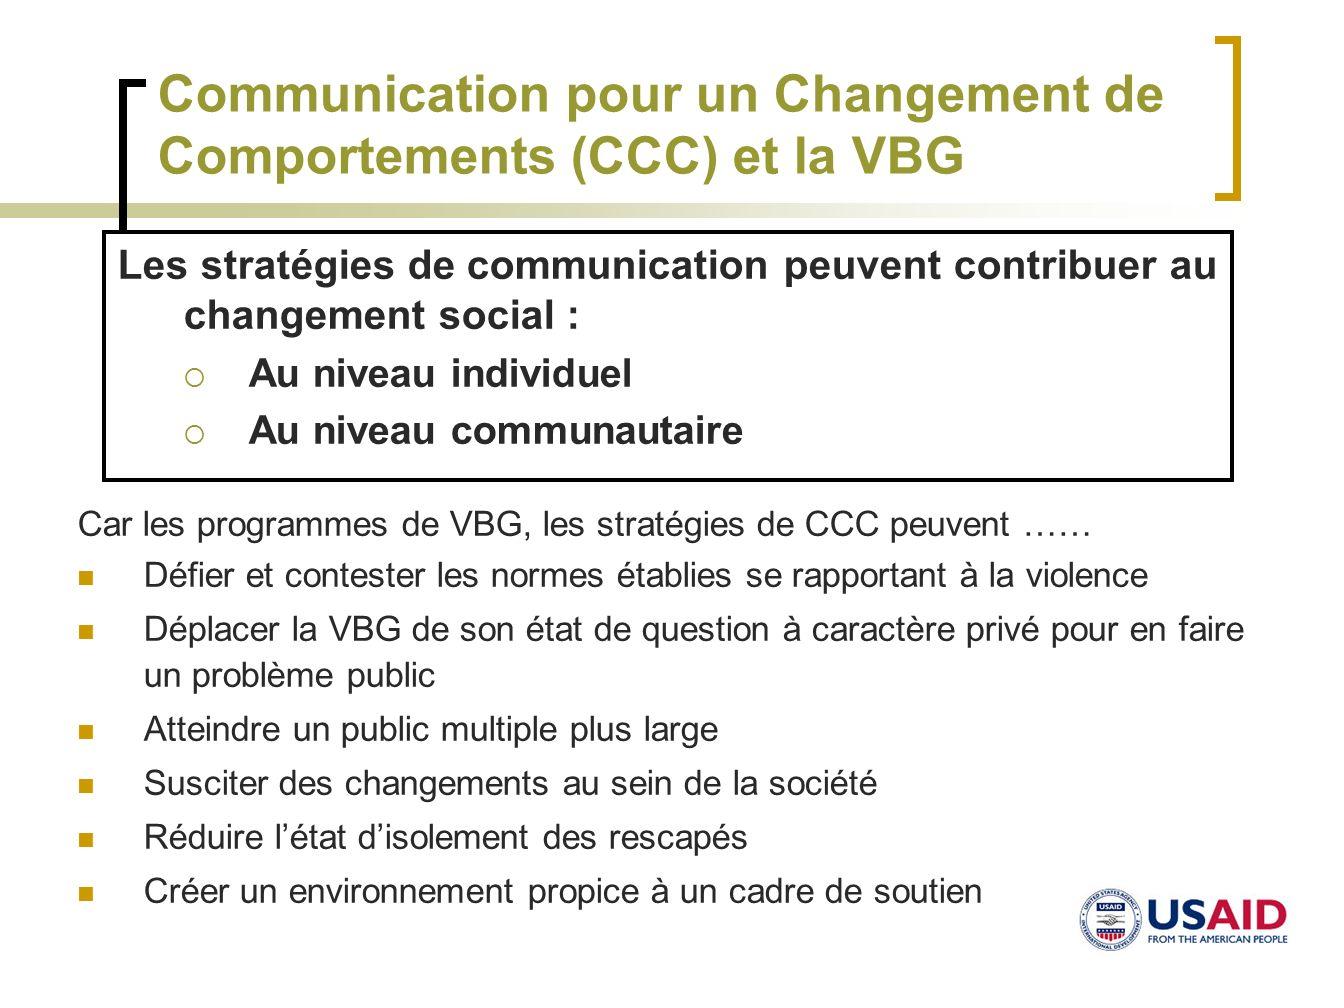 Communication pour un Changement de Comportements (CCC) et la VBG Car les programmes de VBG, les stratégies de CCC peuvent …… Défier et contester les